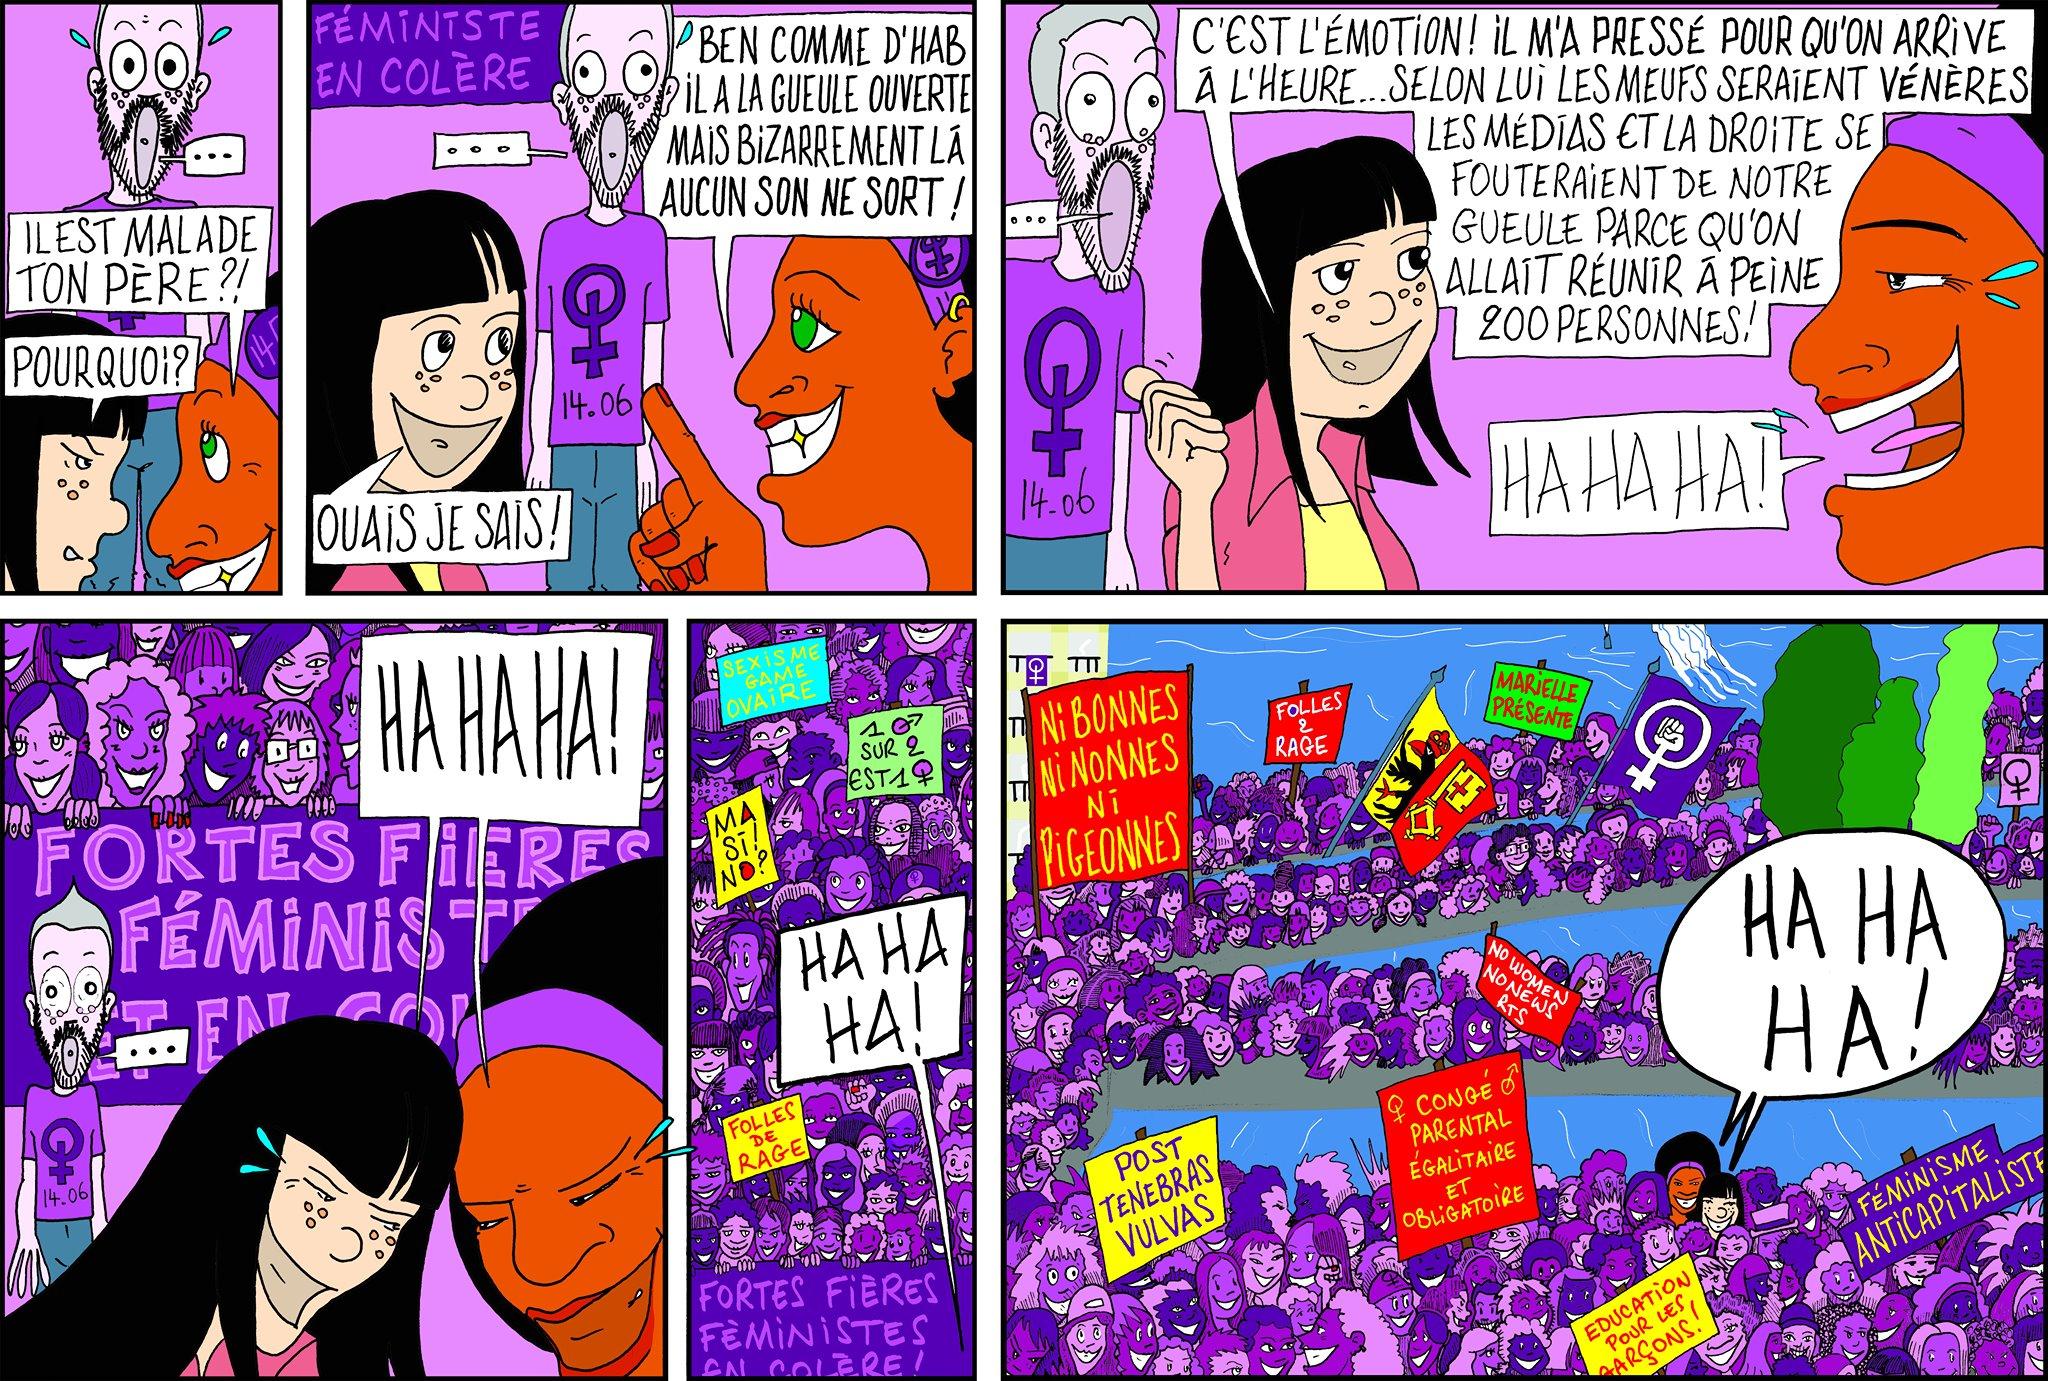 La grève des femmes